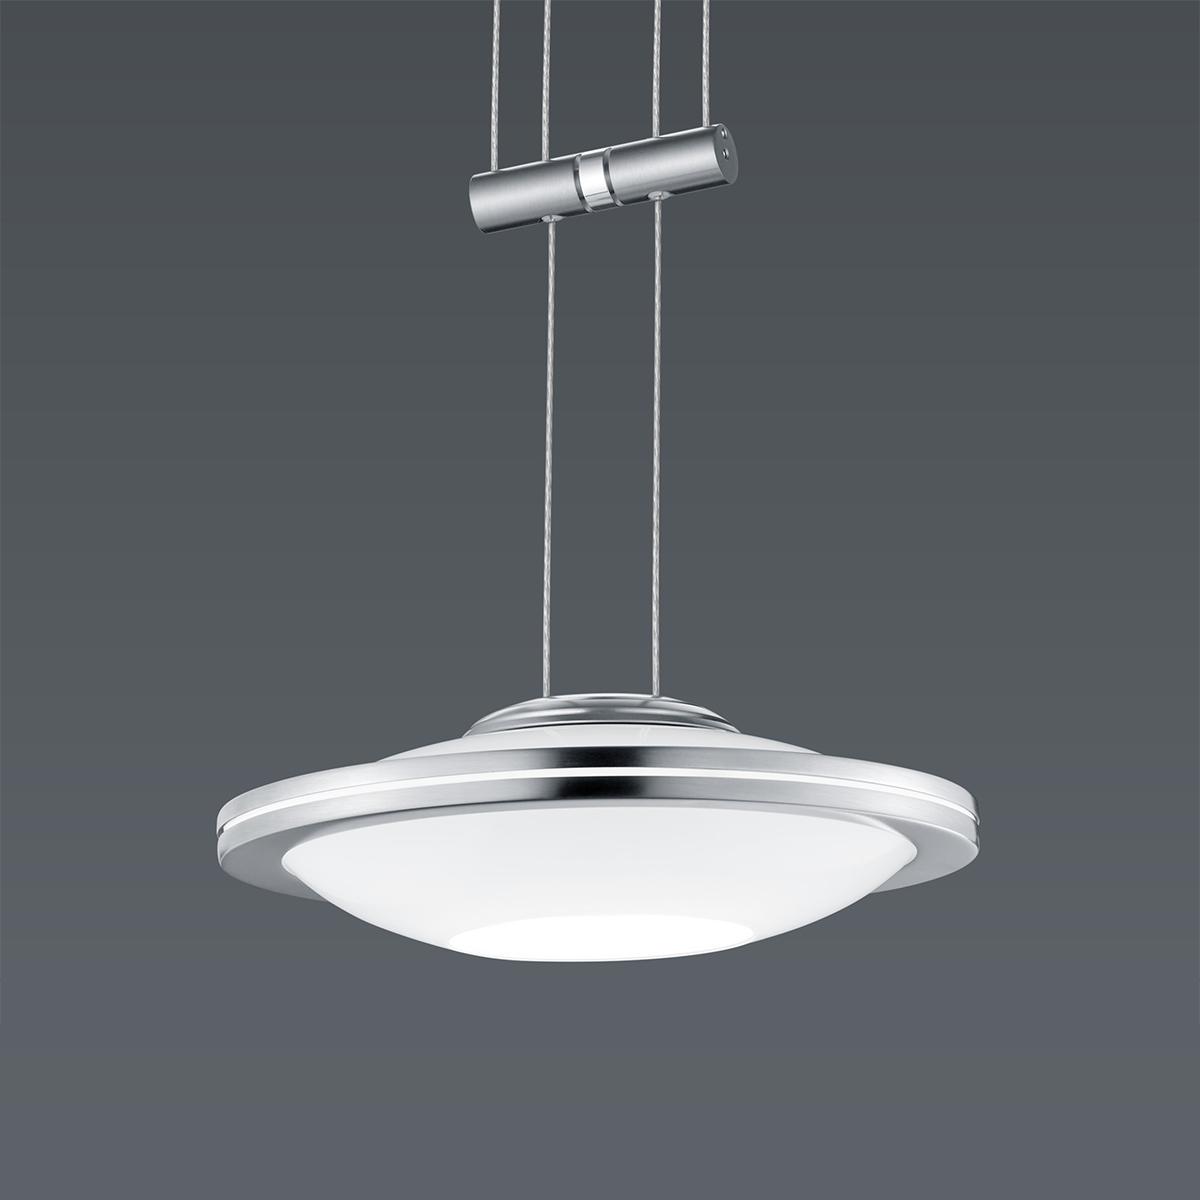 Hängeleuchten von BANKAMP Leuchtenmanufaktur LED-Pendelleuchte Saturno zur Strada 2146/1-92